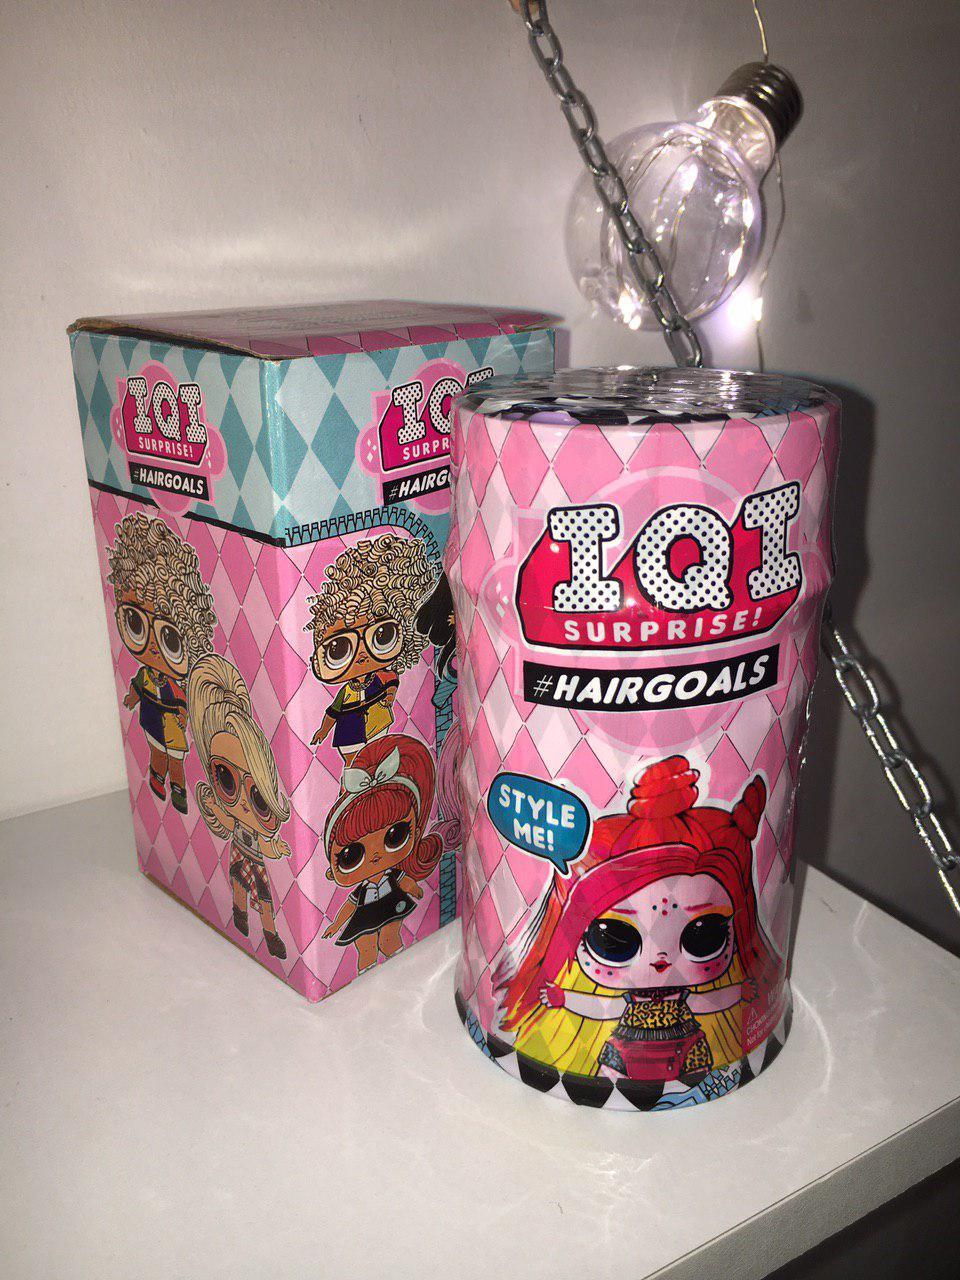 L.O.L. Кукла Surprise, L.O.L. средняя капсула ,(Реплика) Фото живое 13,5см 190622